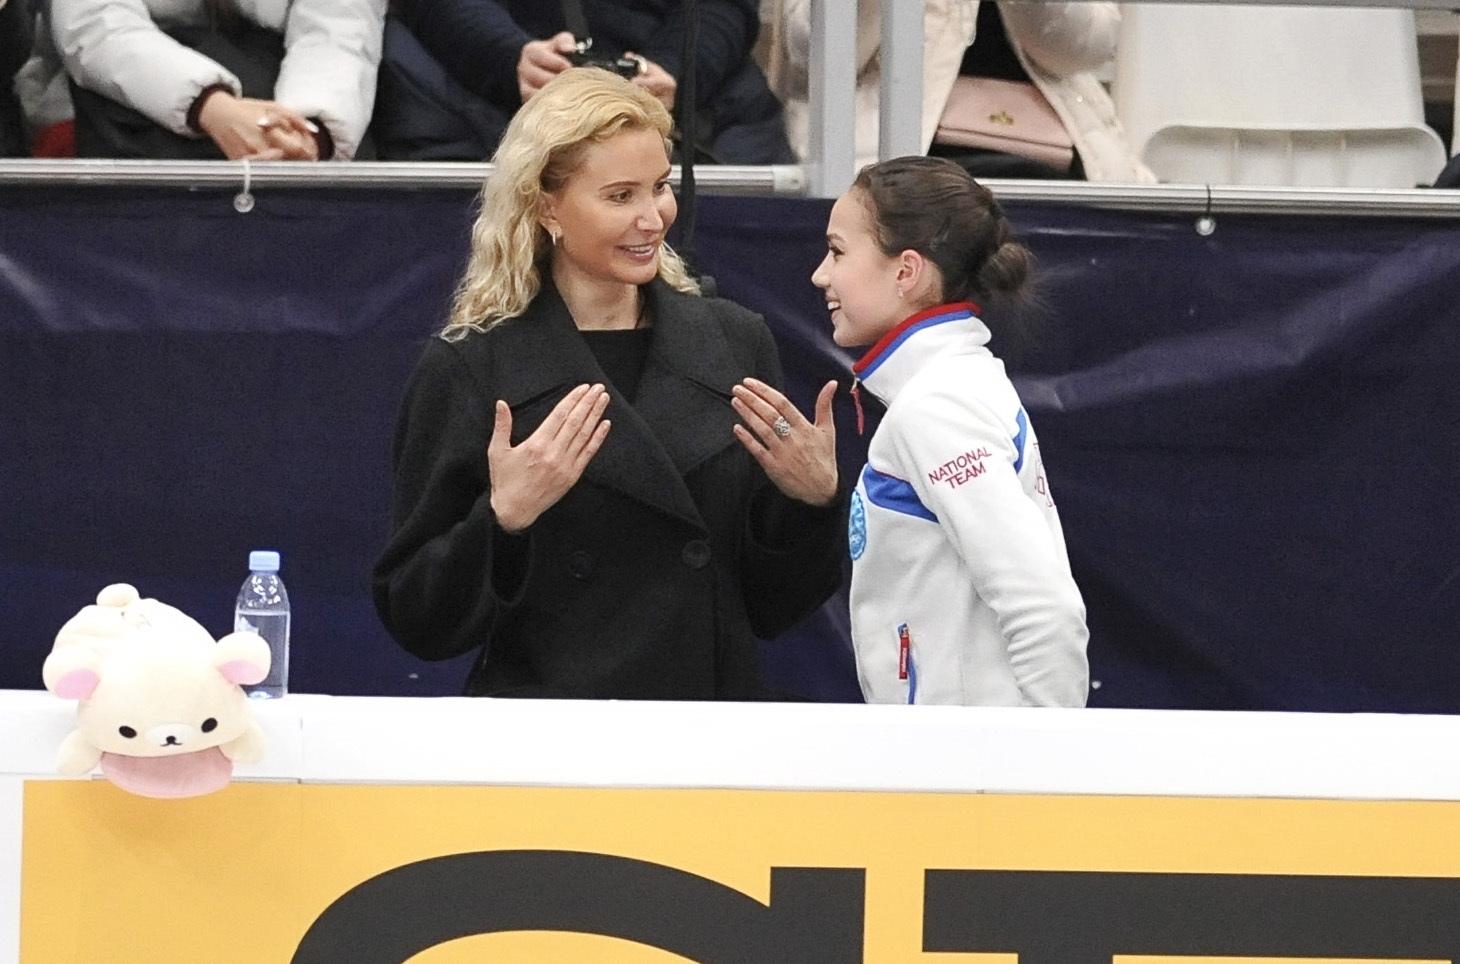 Алина Ильназовна Загитова-2 | Олимпийская чемпионка - Страница 5 RzCxZ